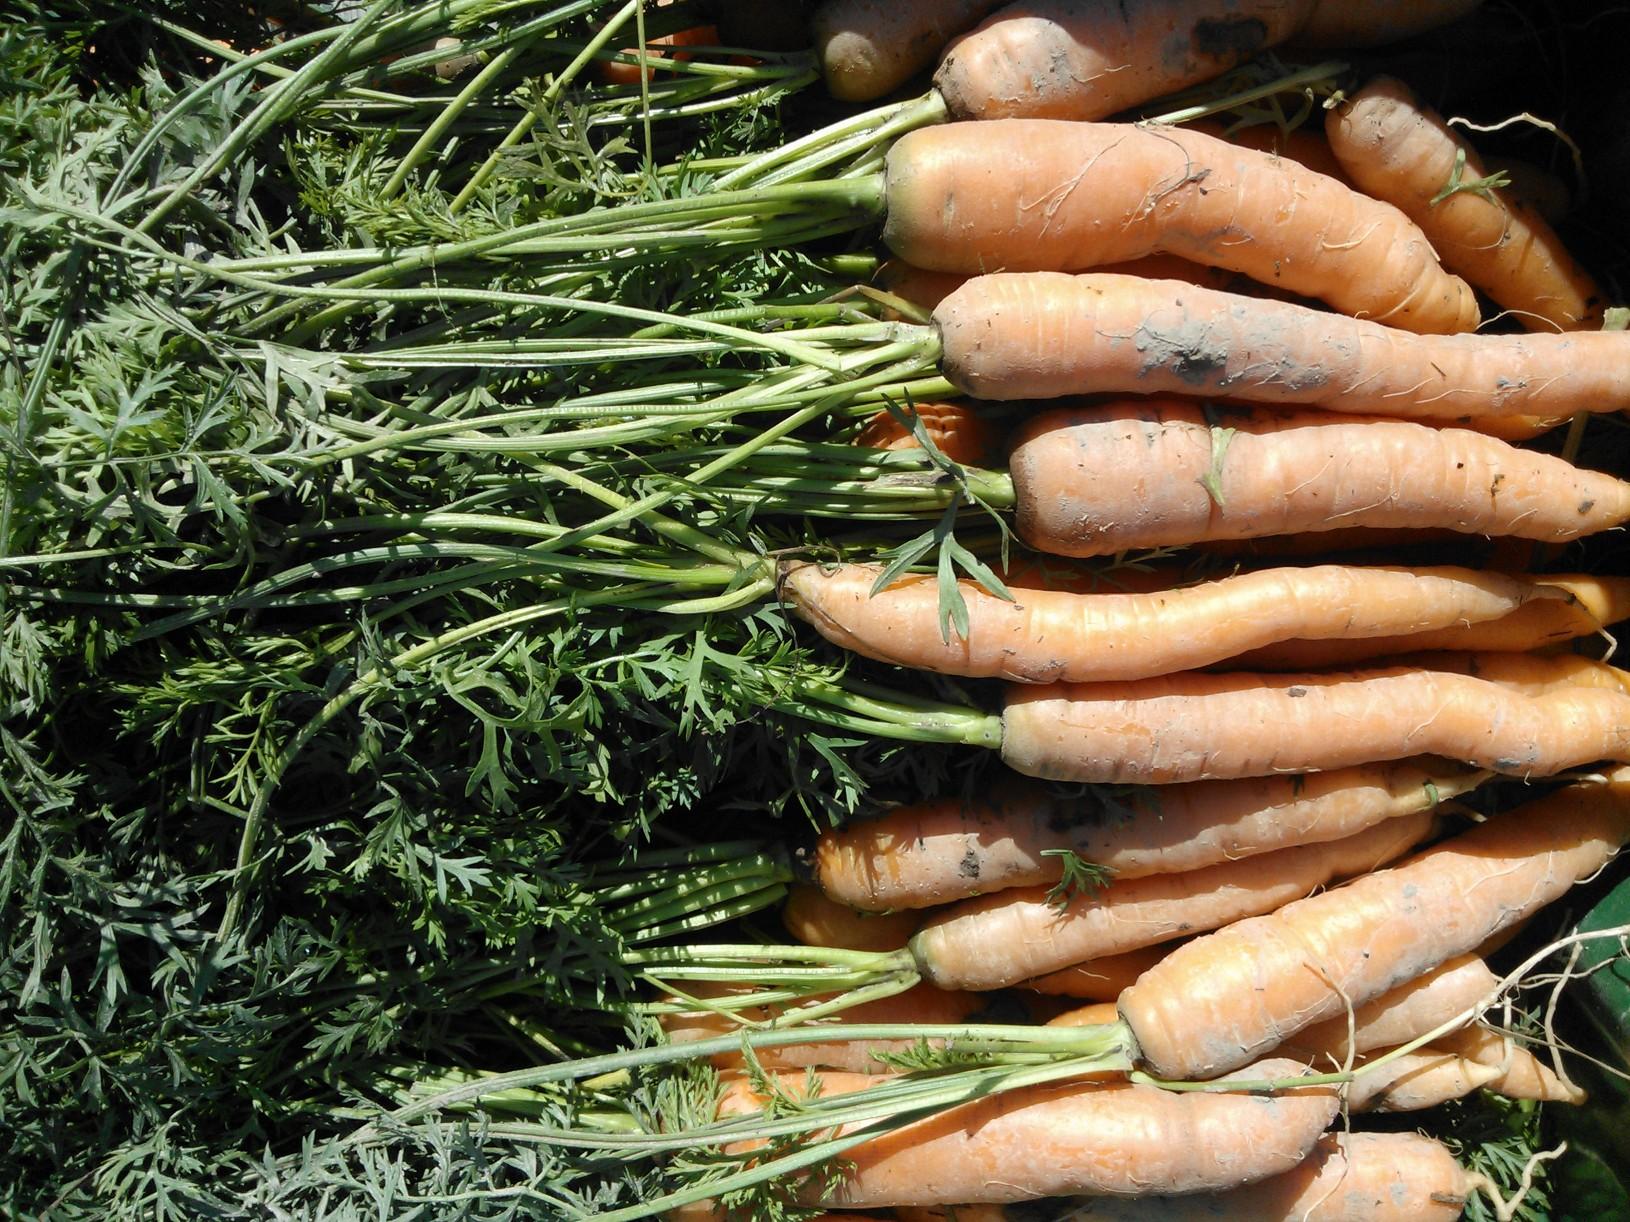 Omien porkkanoiden jako alkoi tällä viikolla. Ne eivät ole F1-hybrideitä  eli jokainen on yksilö ja sen huomaa maussa!